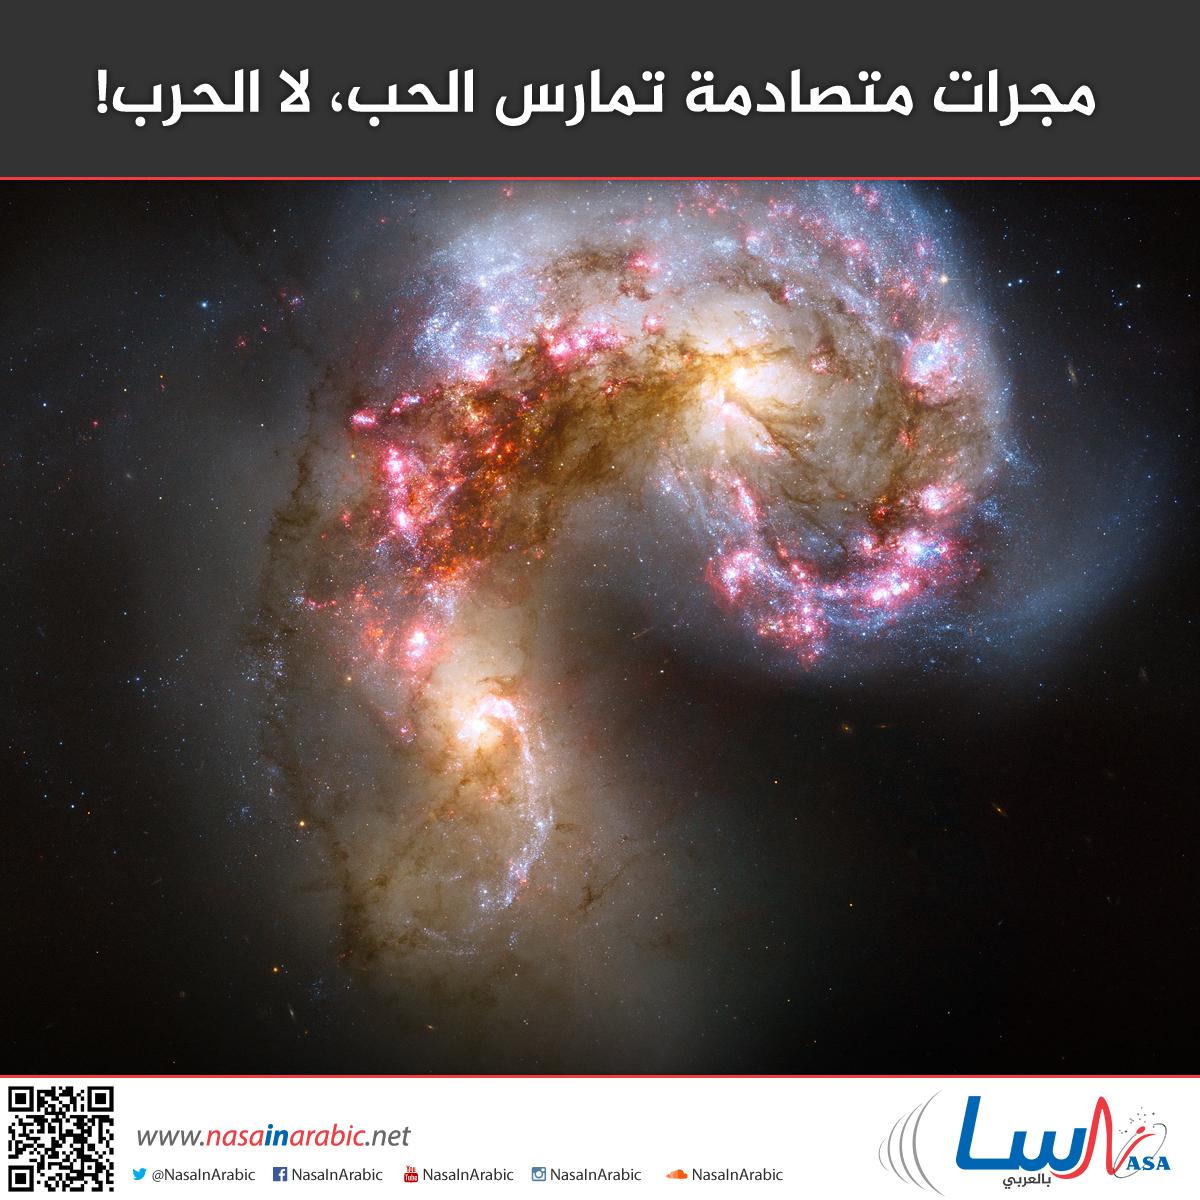 مجرات متصادمة تمارس الحب، لا الحرب!